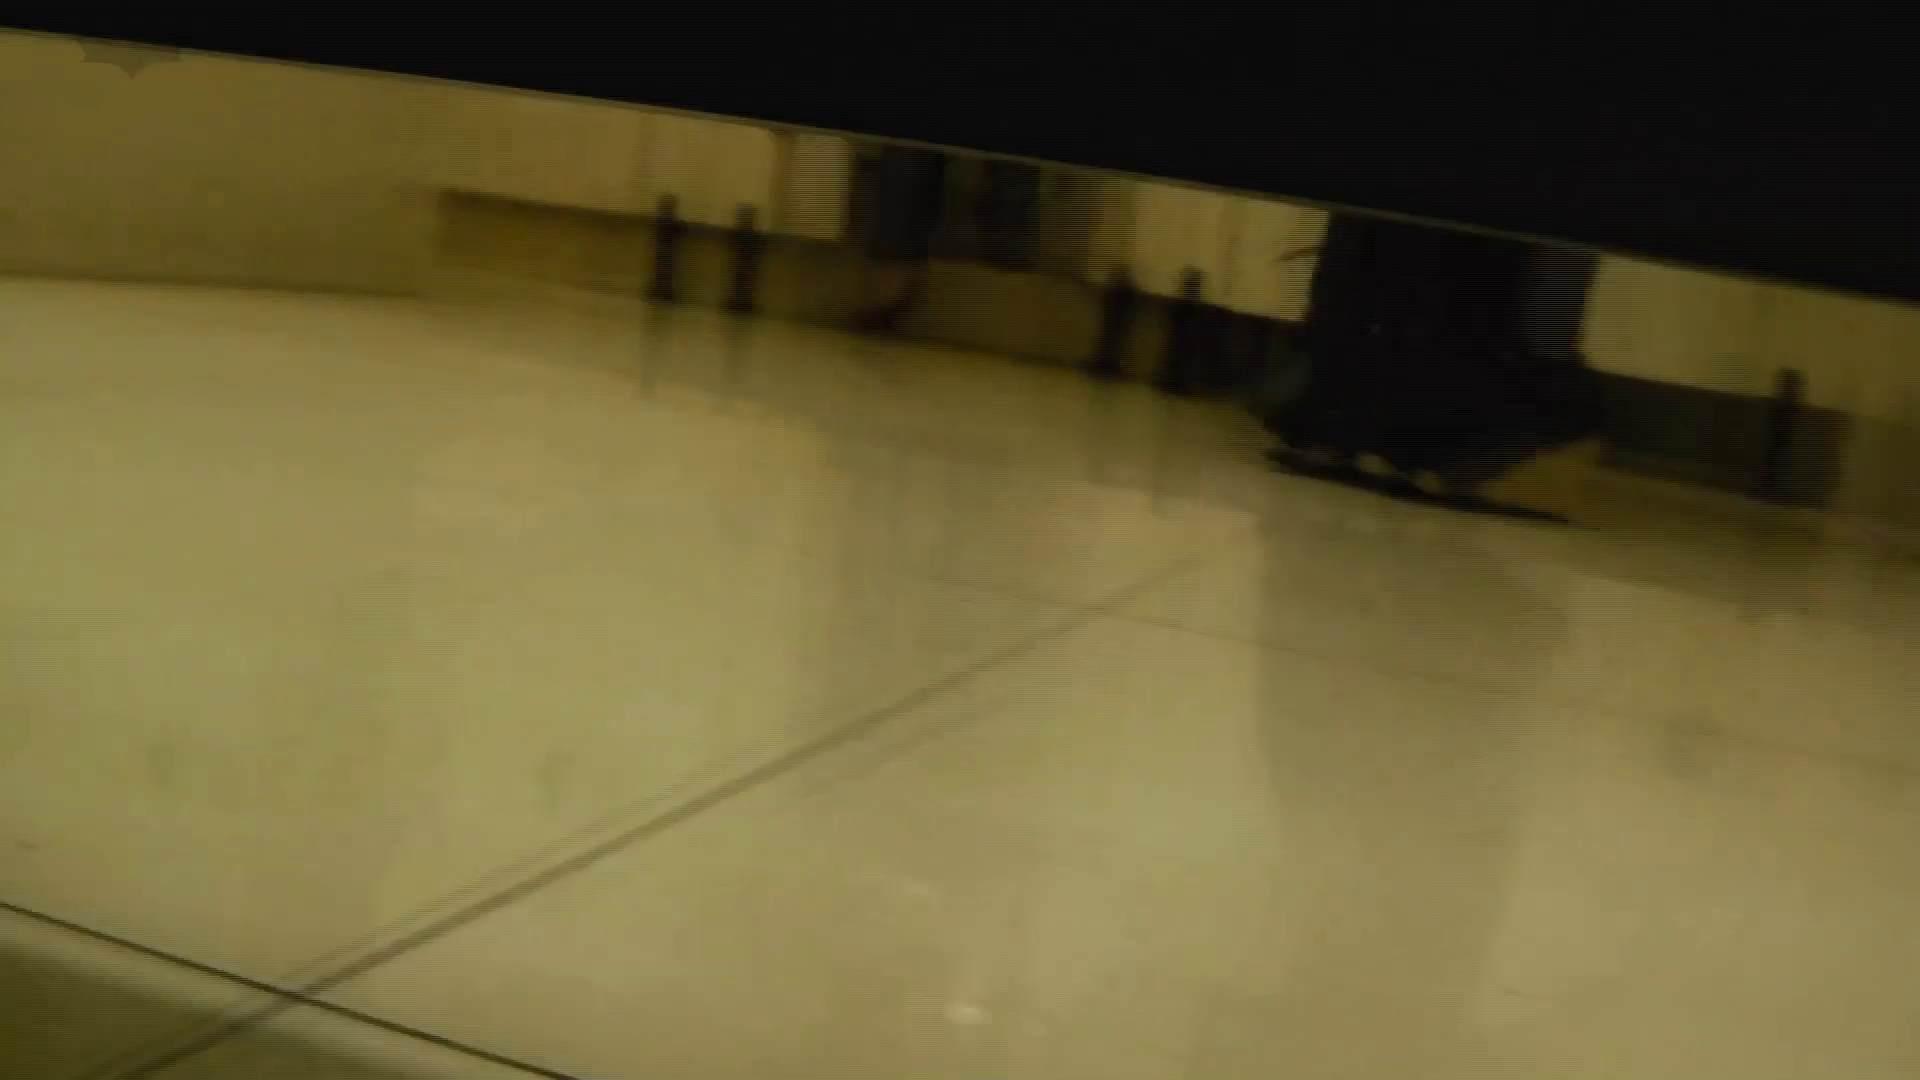 新世界の射窓 No78 トリンドル 玲奈似登場シリーズ美女率最高作! ギャル | 洗面所  65画像 62